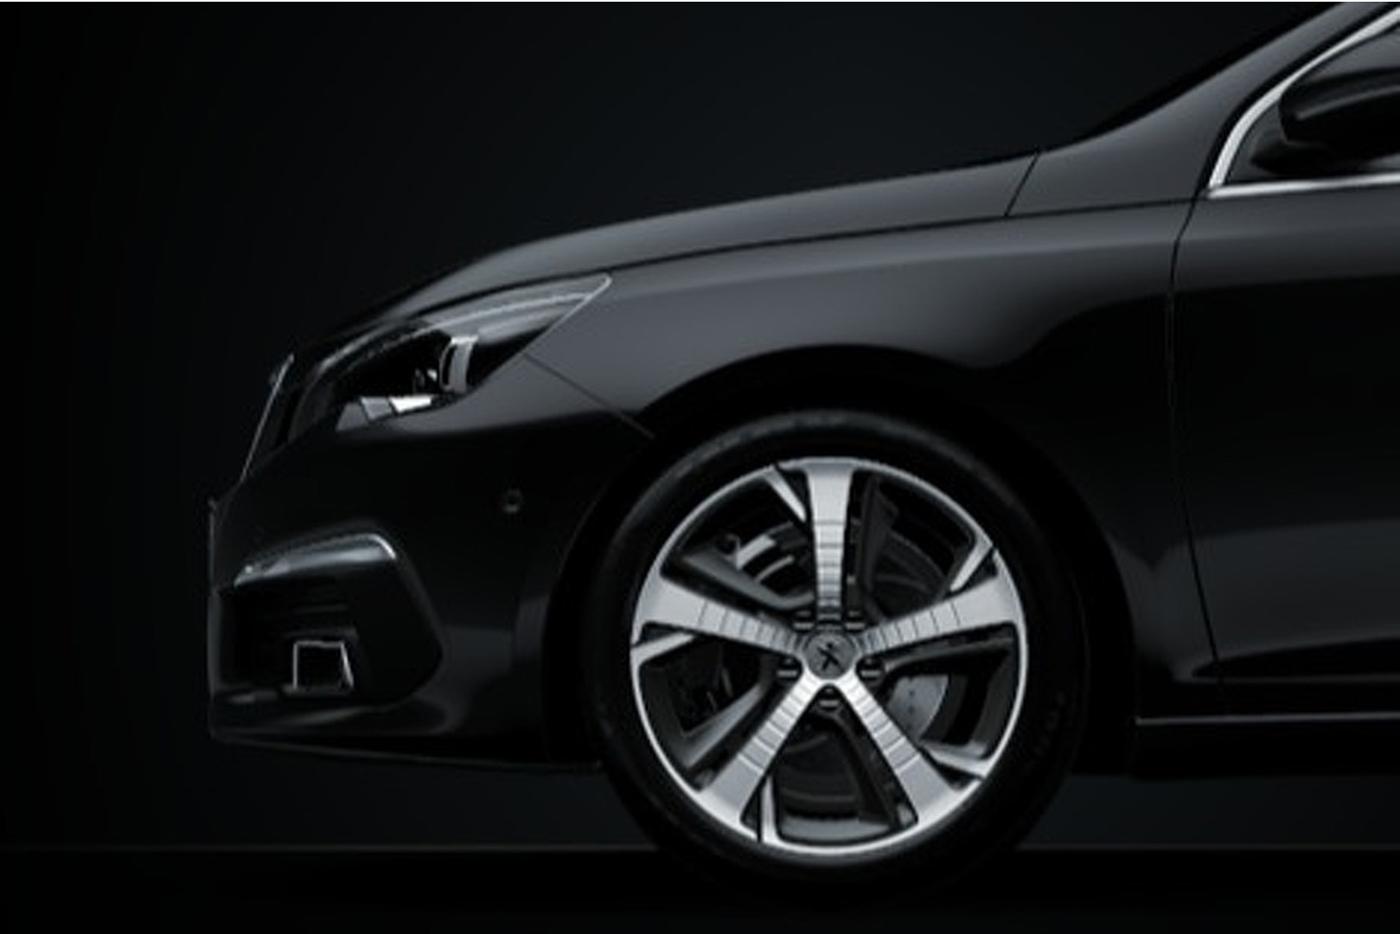 peugeot-308-facelift-2018-4.jpg